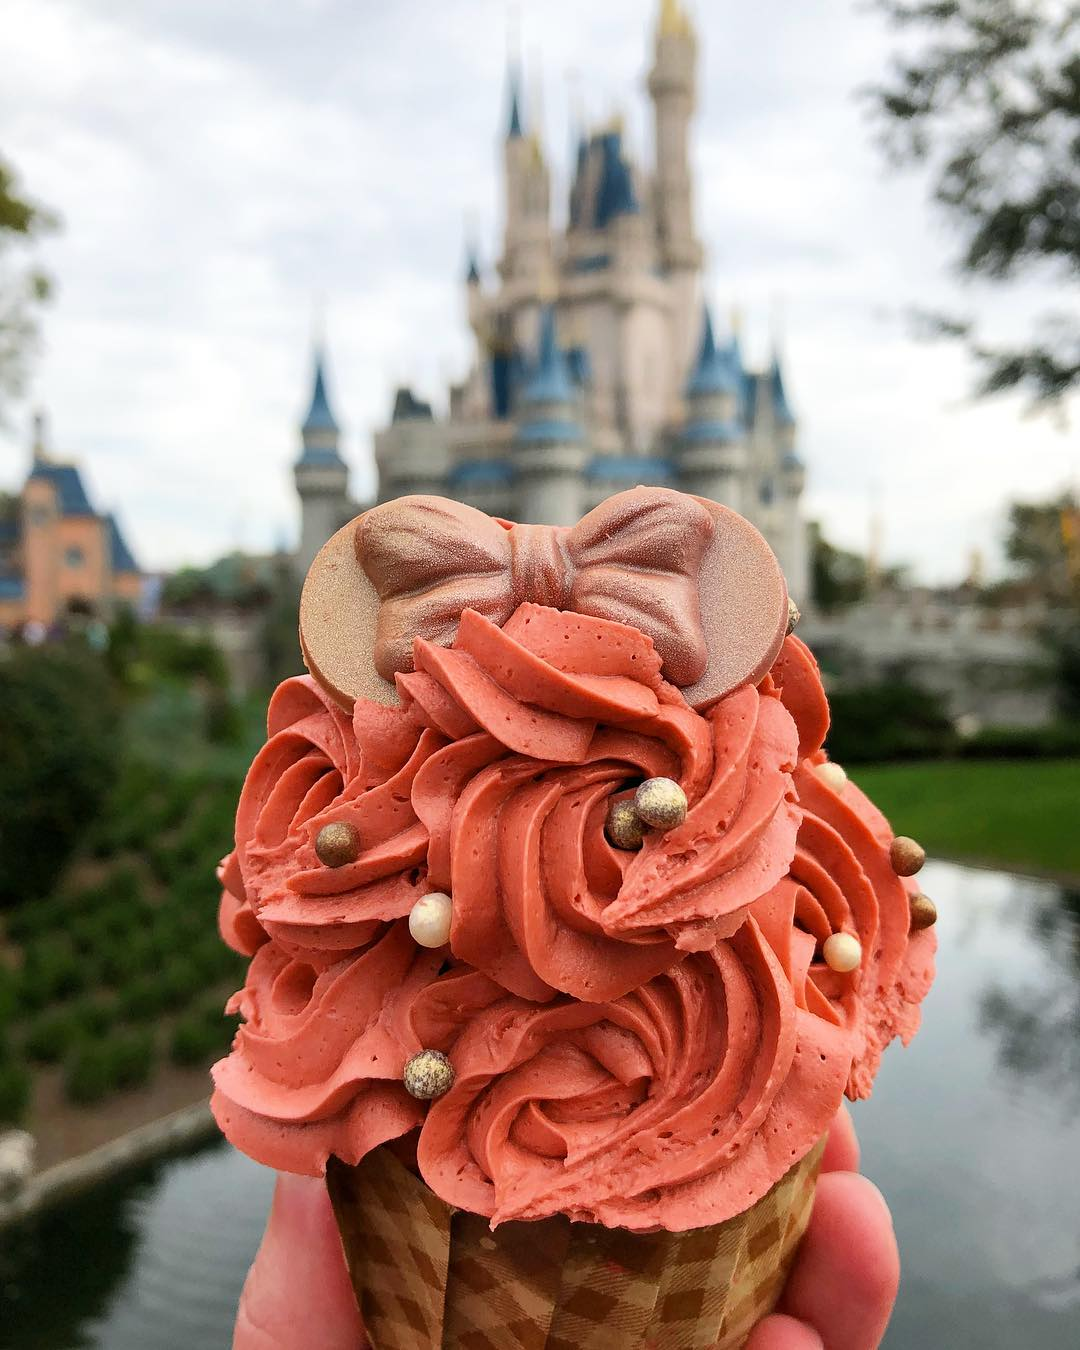 画像1: Thomas RadzakさんはInstagramを利用しています:「There's now a Rose Gold Ears Cupcake available at MK! You can find it at Main Street Bakery.  #rosegoldminnieears #rosegoldcupcake…」 www.instagram.com